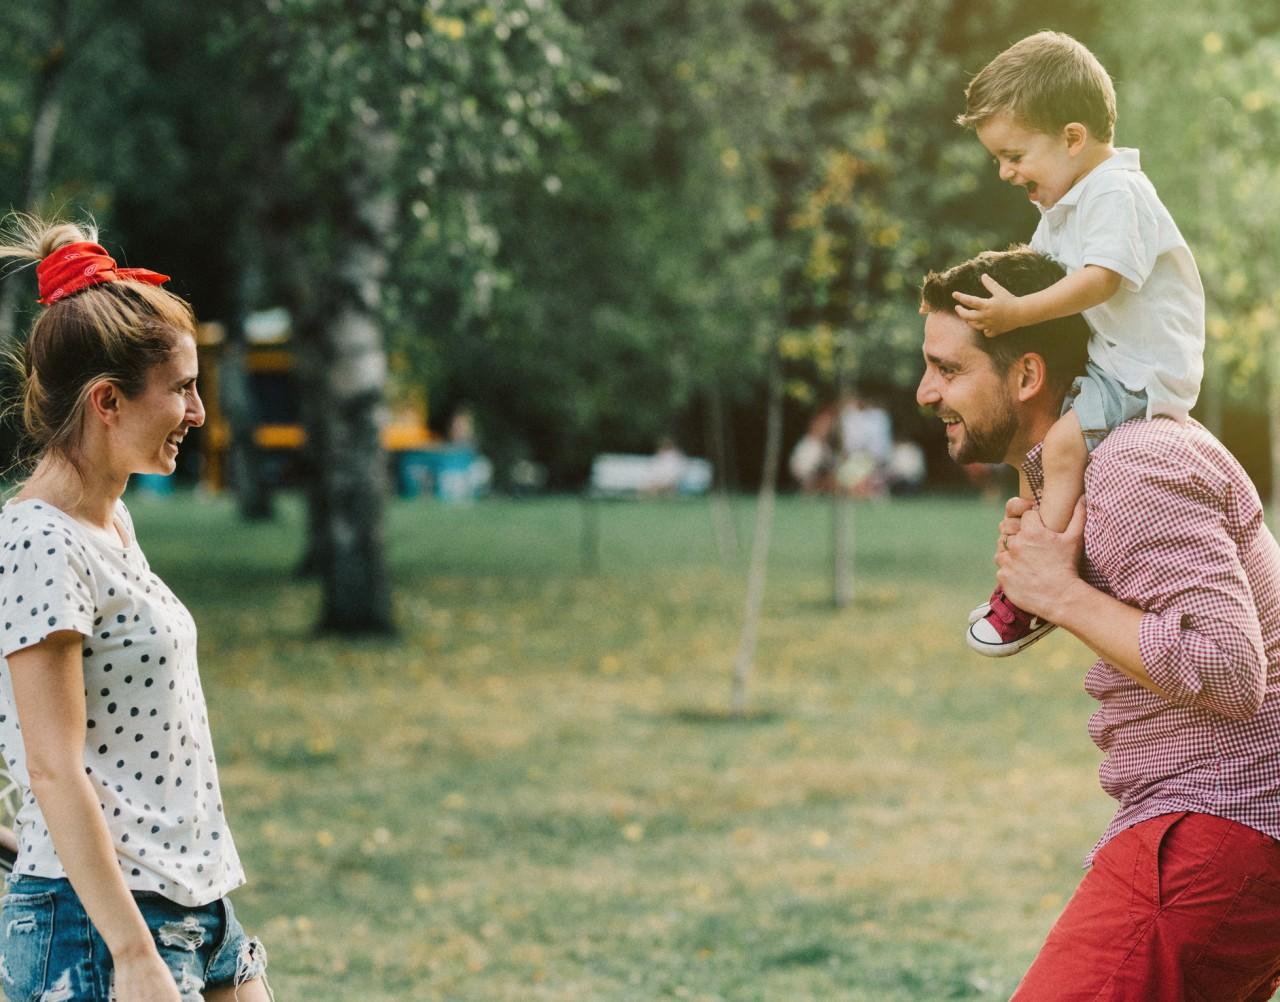 Estimer une pension alimentaire à l'amiable au moment d'une séparation